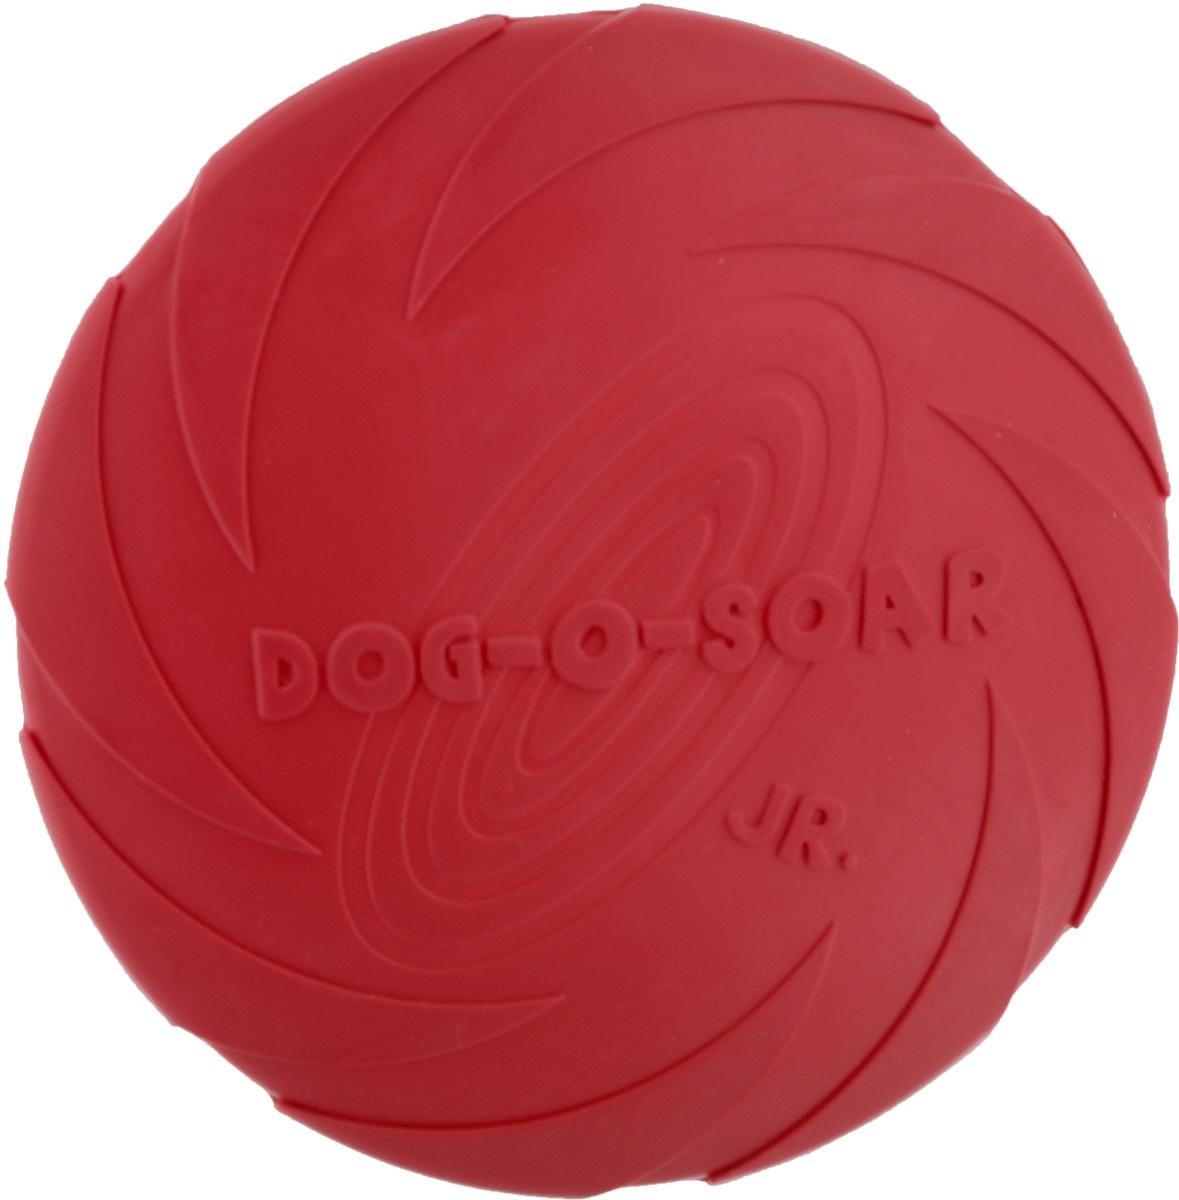 Игрушка для собак I.P.T.S. Фрисби, цвет: красный, диаметр 18 см625704_красныйИгрушка I.P.T.S. Фрисби, выполненная из резины, отлично подойдет для совместных игр хозяина и собаки. В отличие от пластиковых, такая игрушка не образует острых зазубрин и трещин, способных повредить десны питомца. Совместные игры укрепляют взаимоотношение и понимание.Диаметр: 18 см.